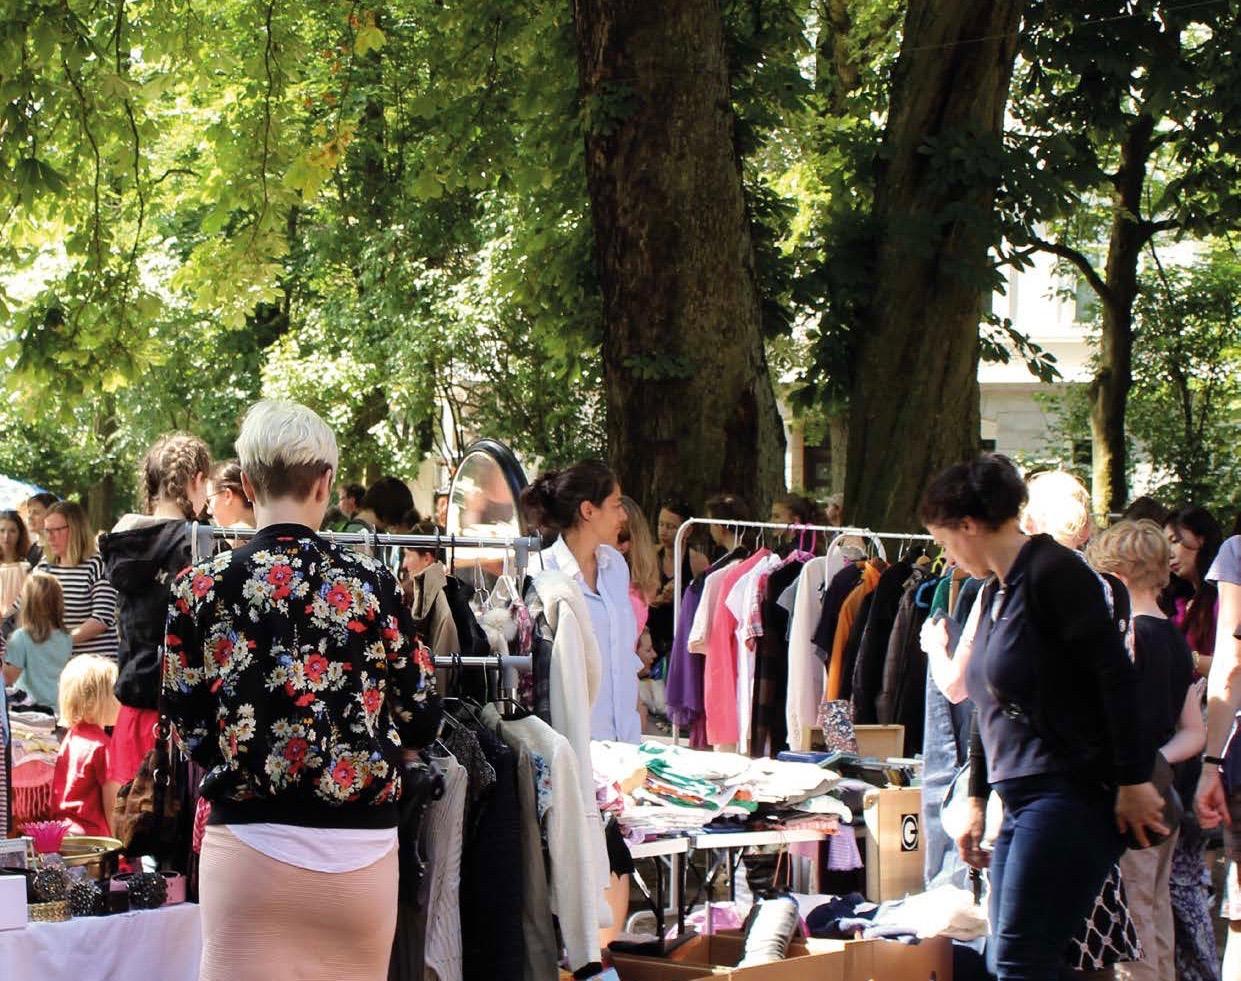 Outfit wechsel dich: Beim Kleidertauschmarkt findest du neue Klamotten!